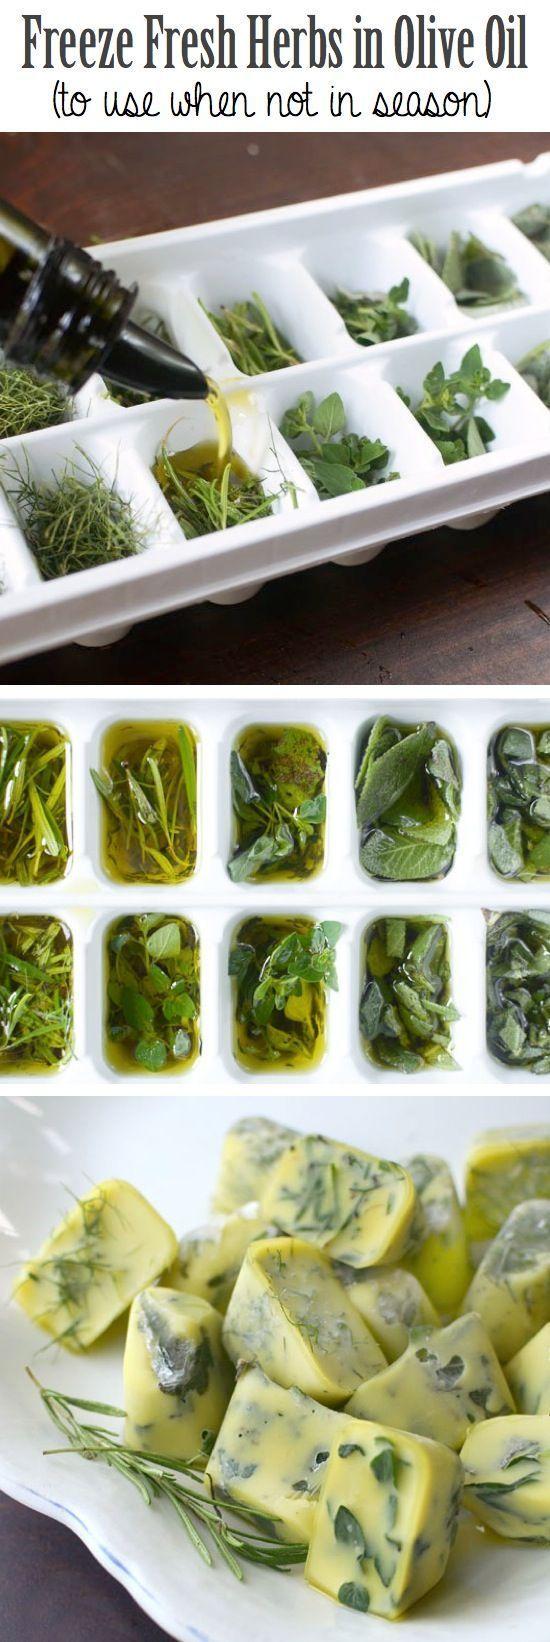 Congeler des herbes dans de l'huile d'olive